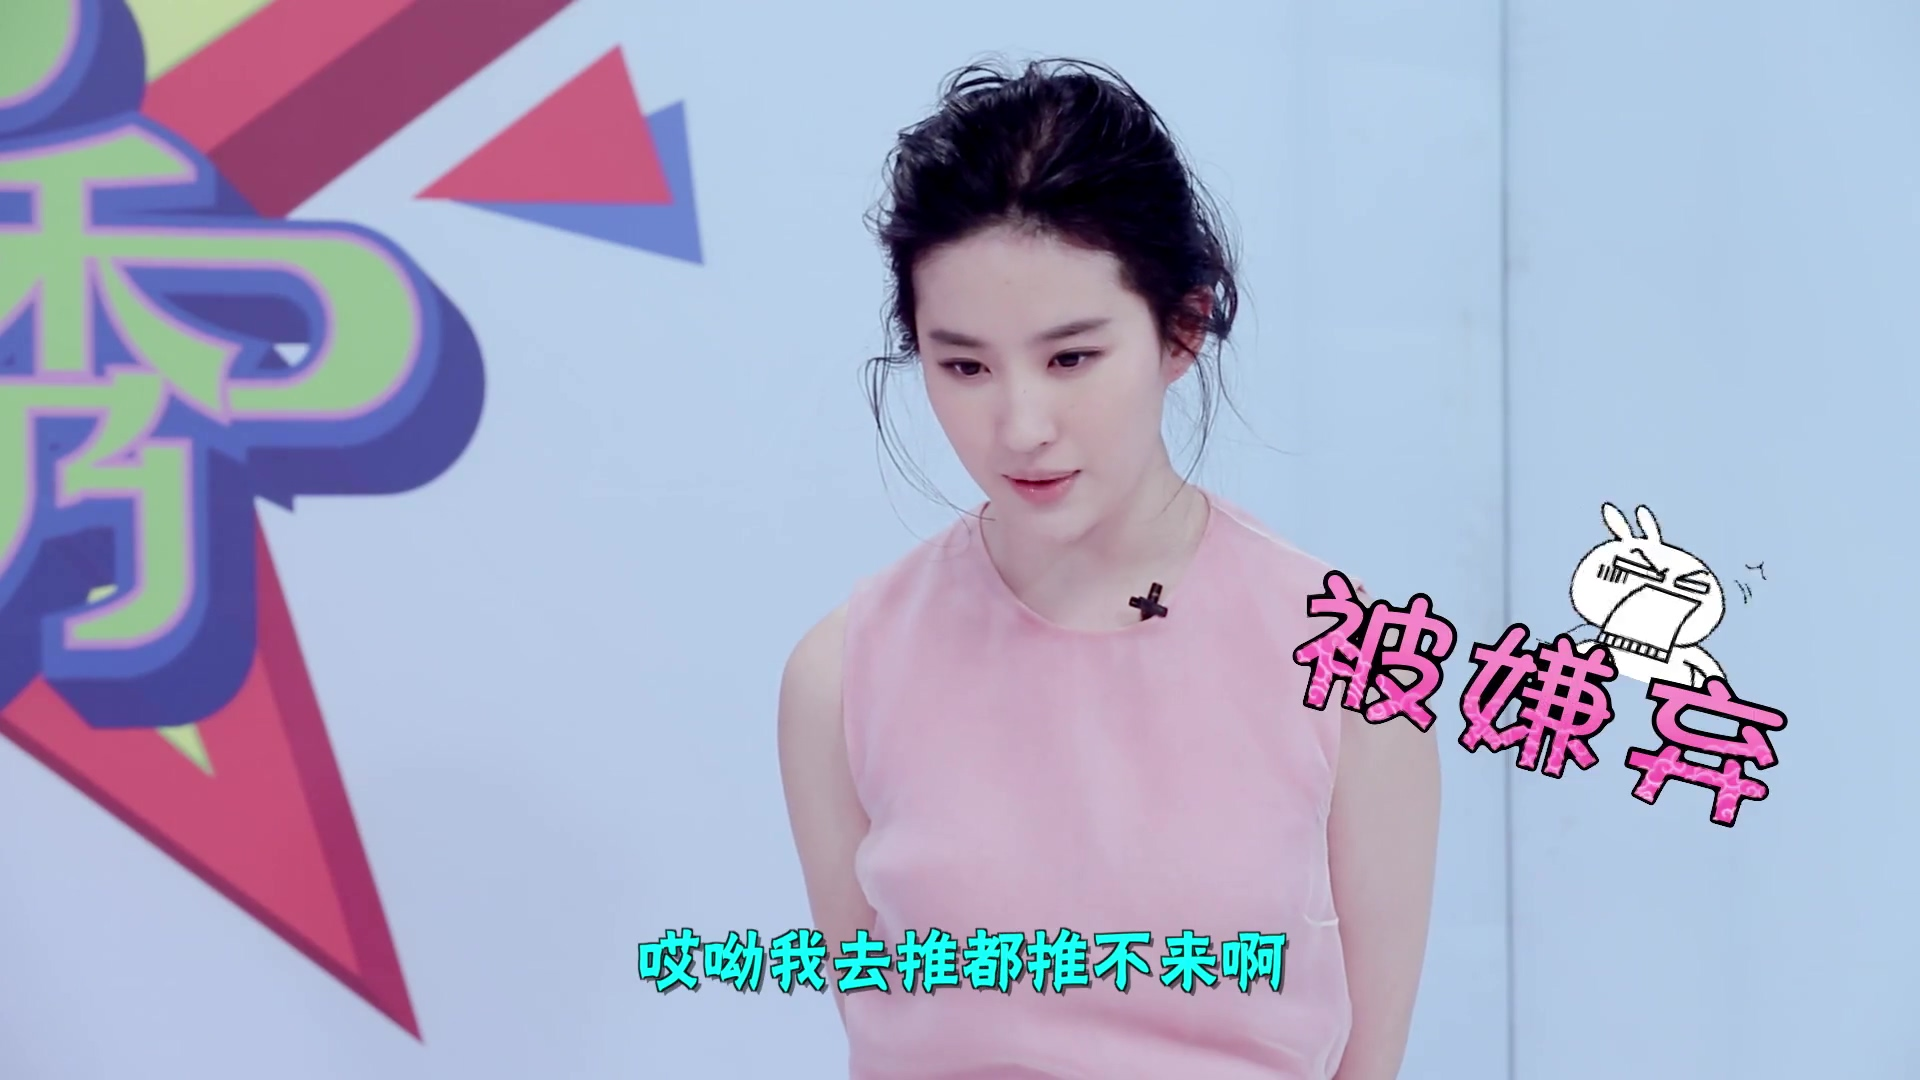 《芭莎大咖秀》 《刘亦菲》[2015.11.13]